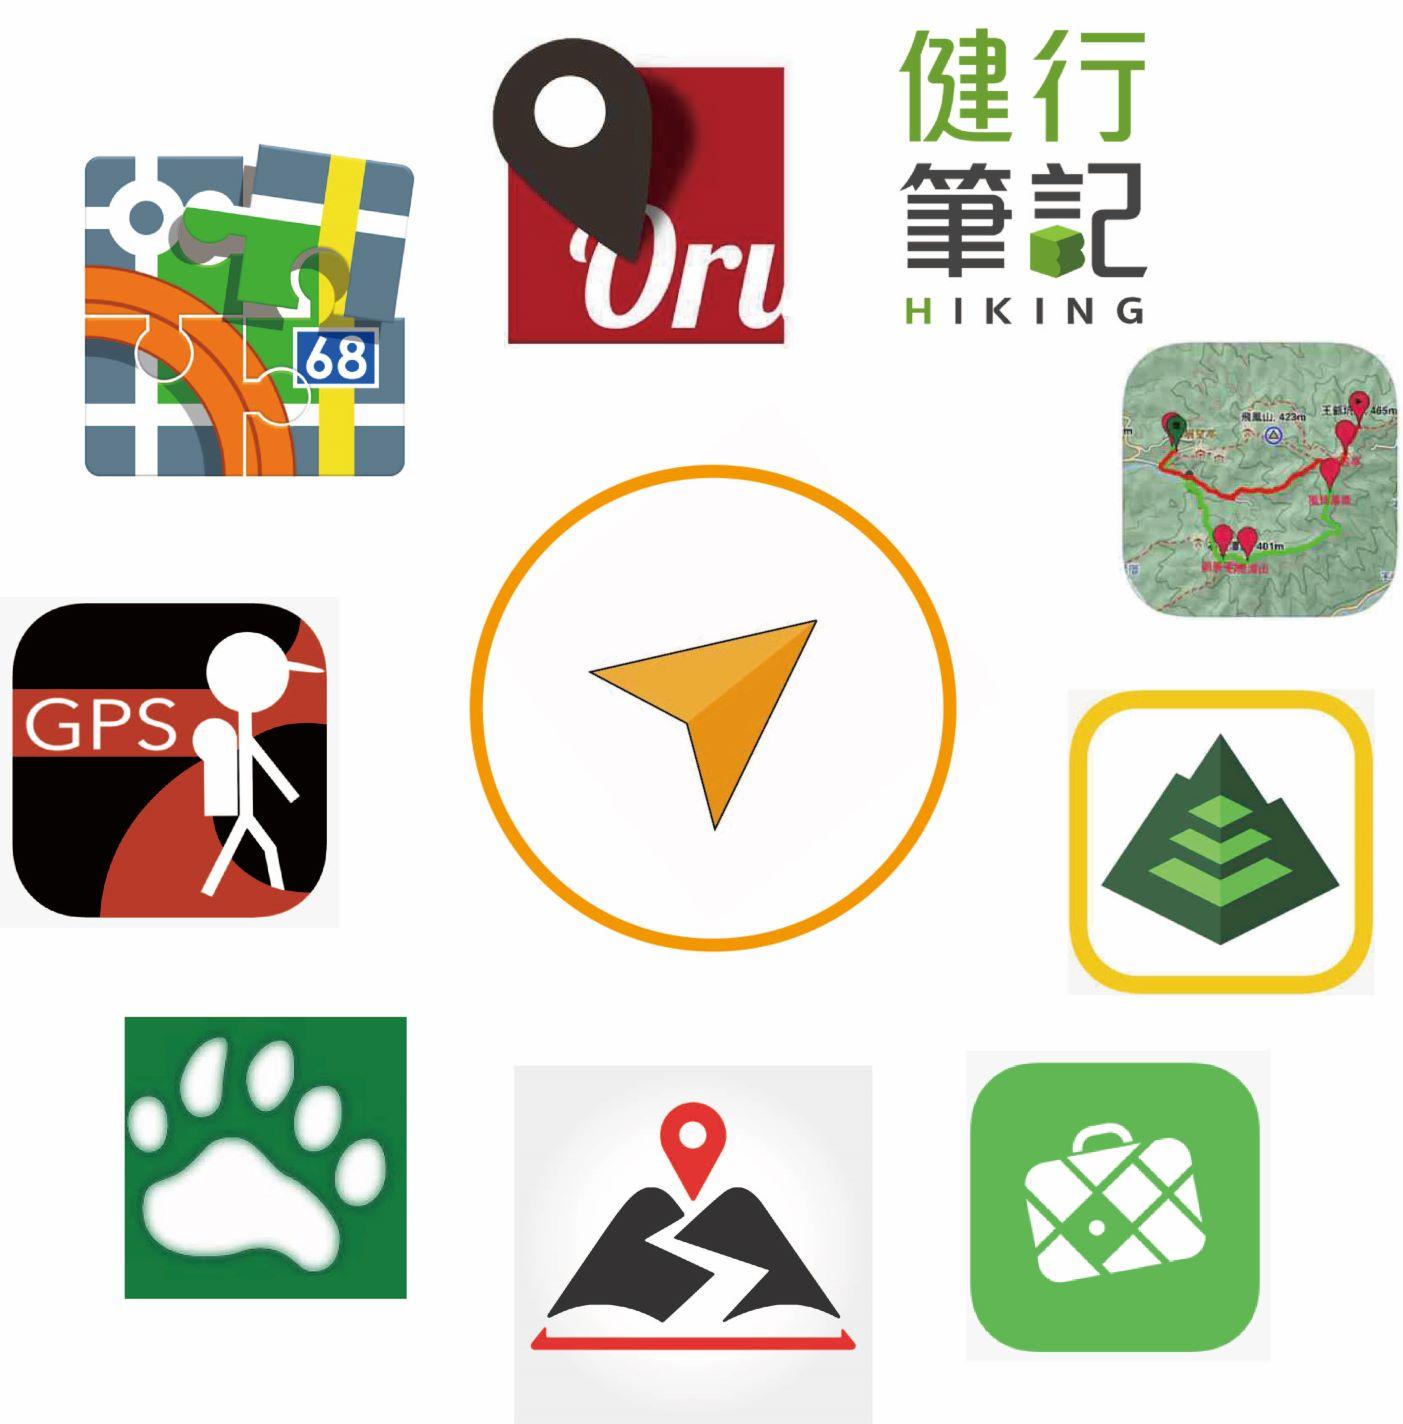 手機GPS登山,Apps